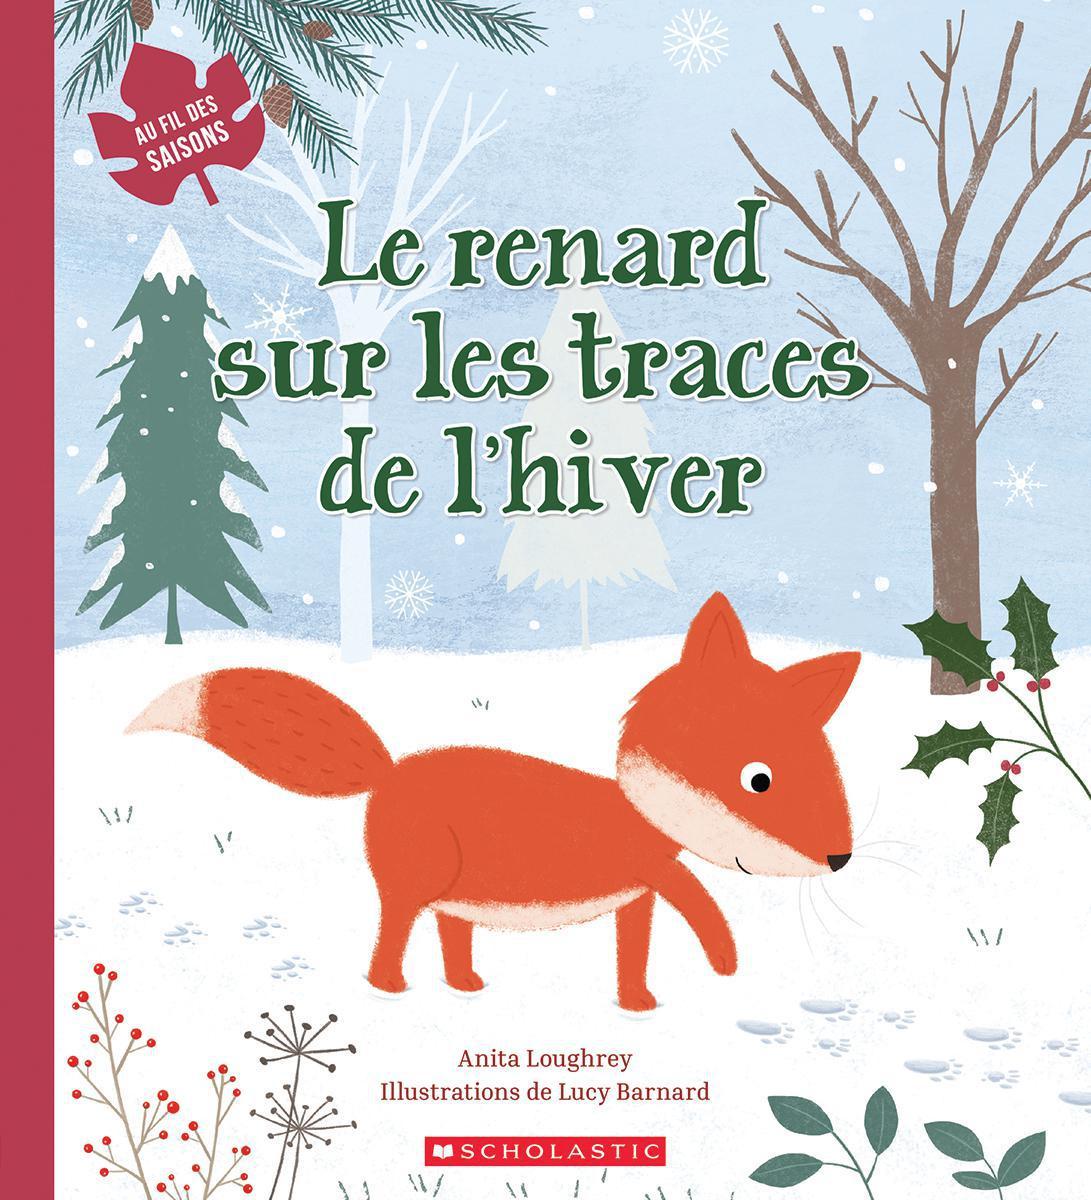 Au fil des saisons : Le renard sur les traces de l'hiver